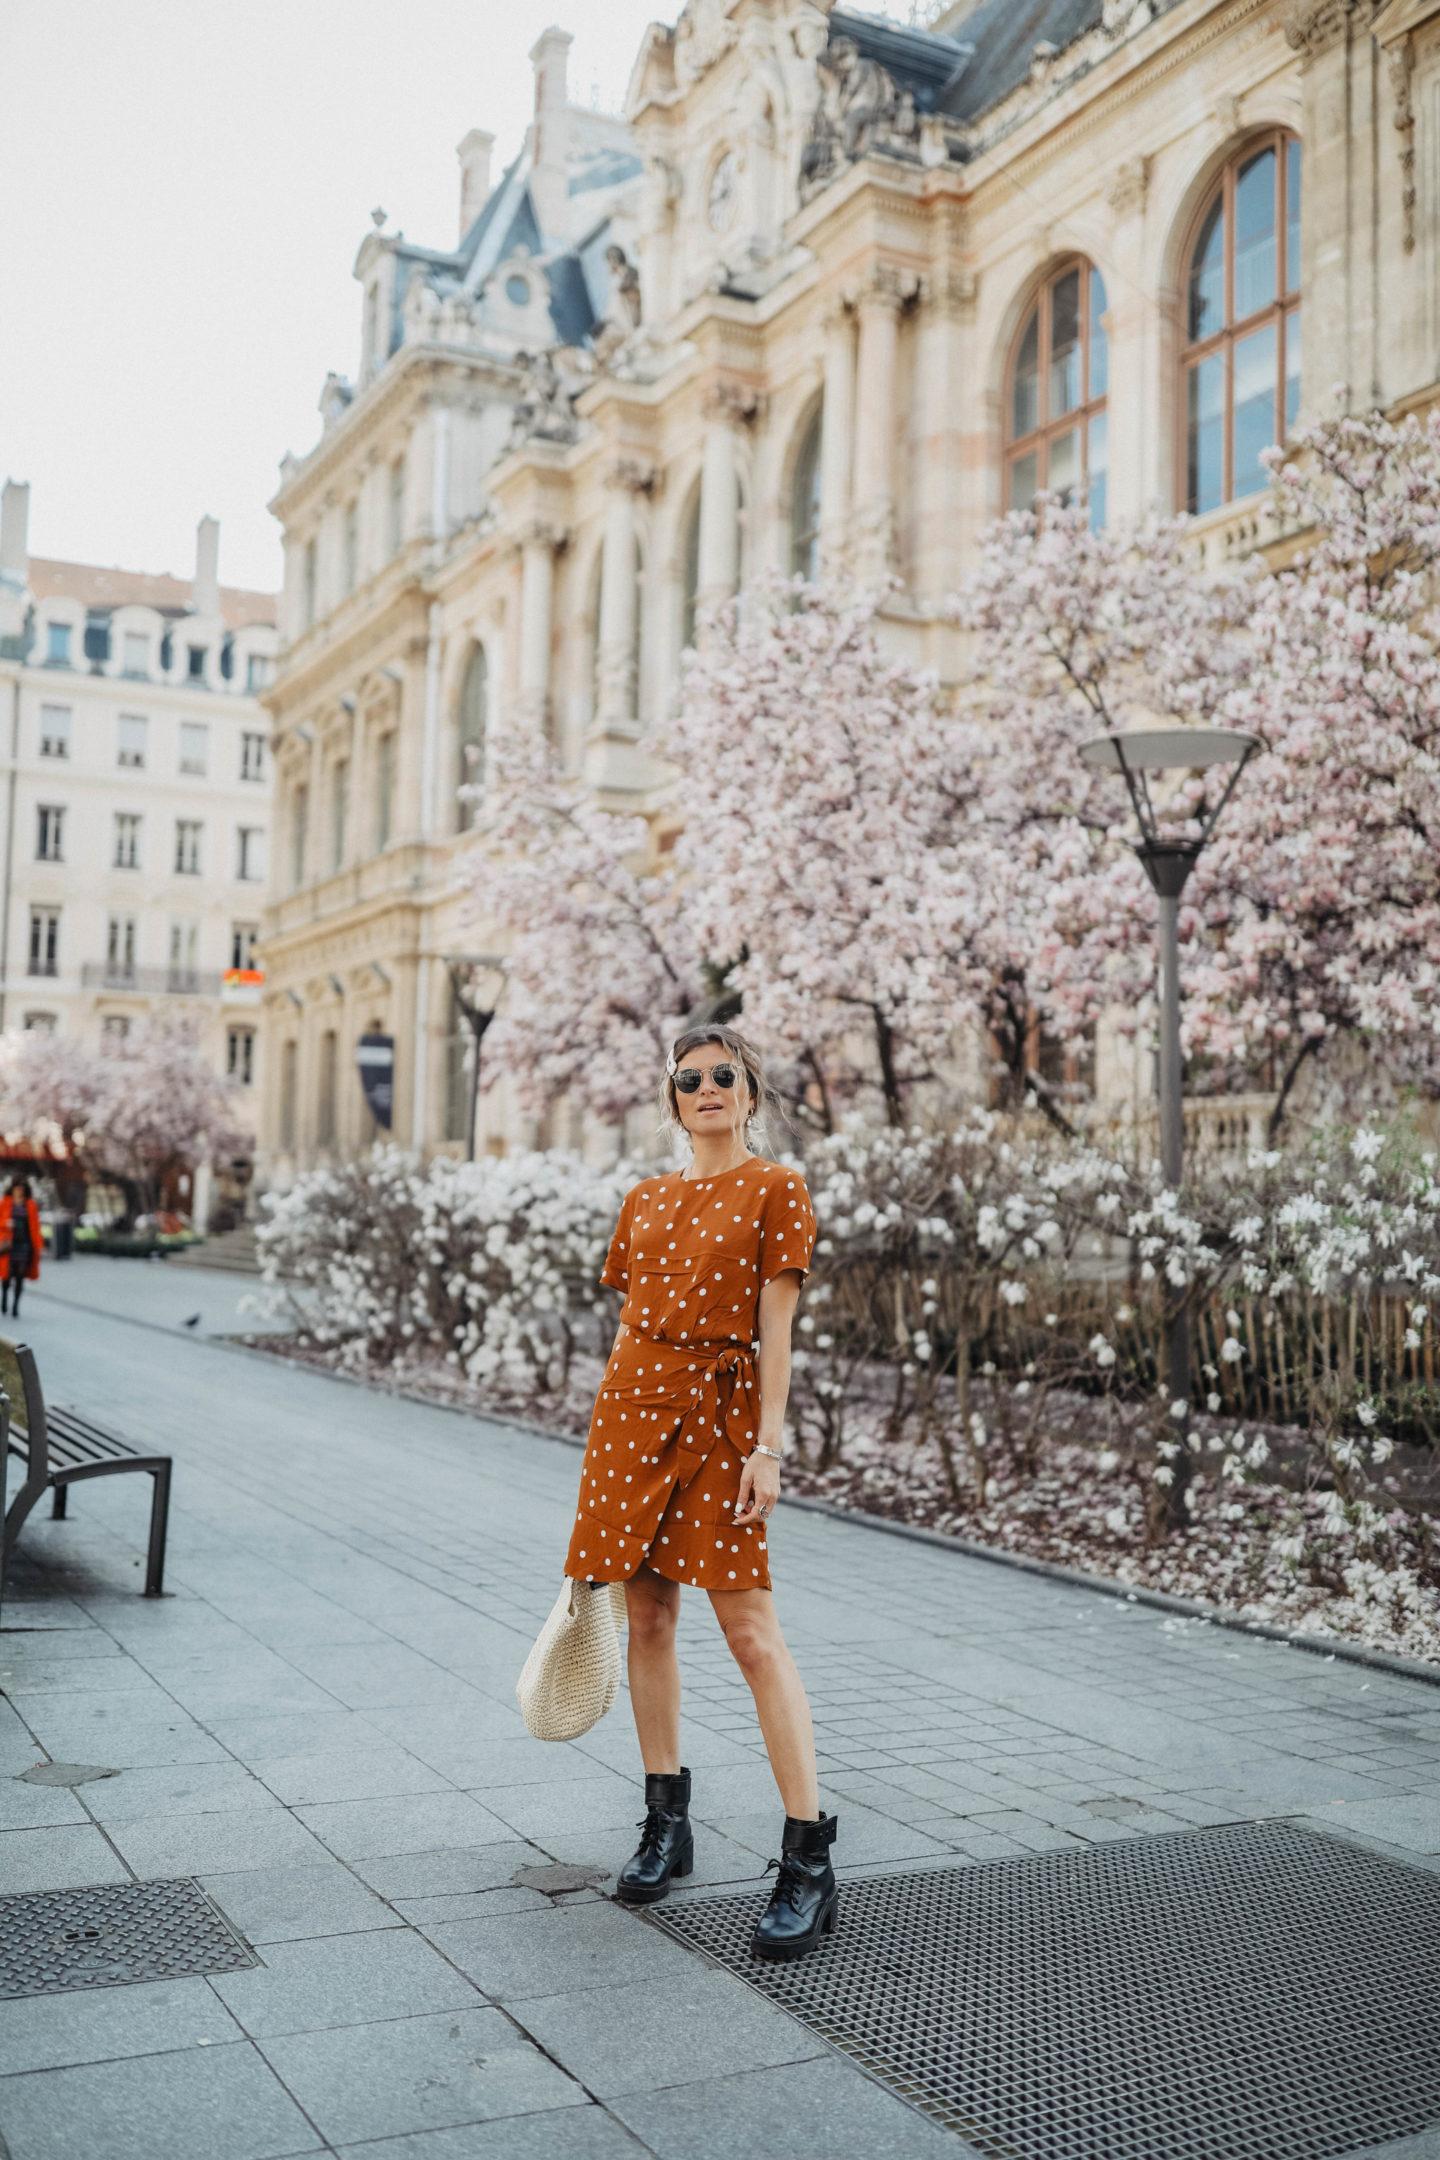 Idée de look pour le printemps marie and mood blog